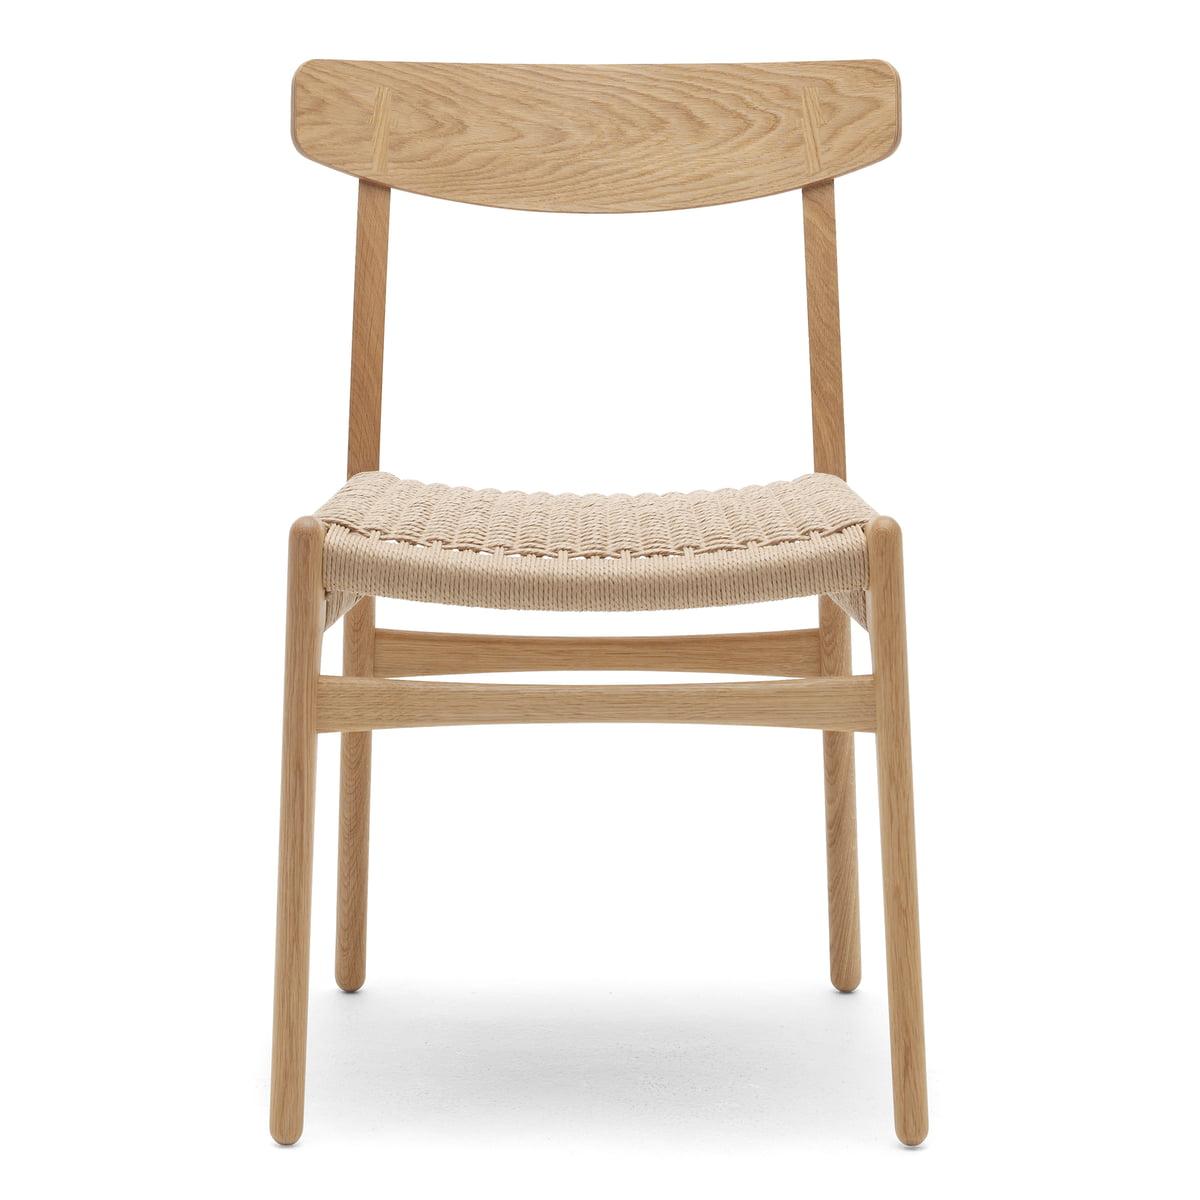 Carl Hansen CH23 Chair Stuhl, Eiche geölt Naturgeflecht